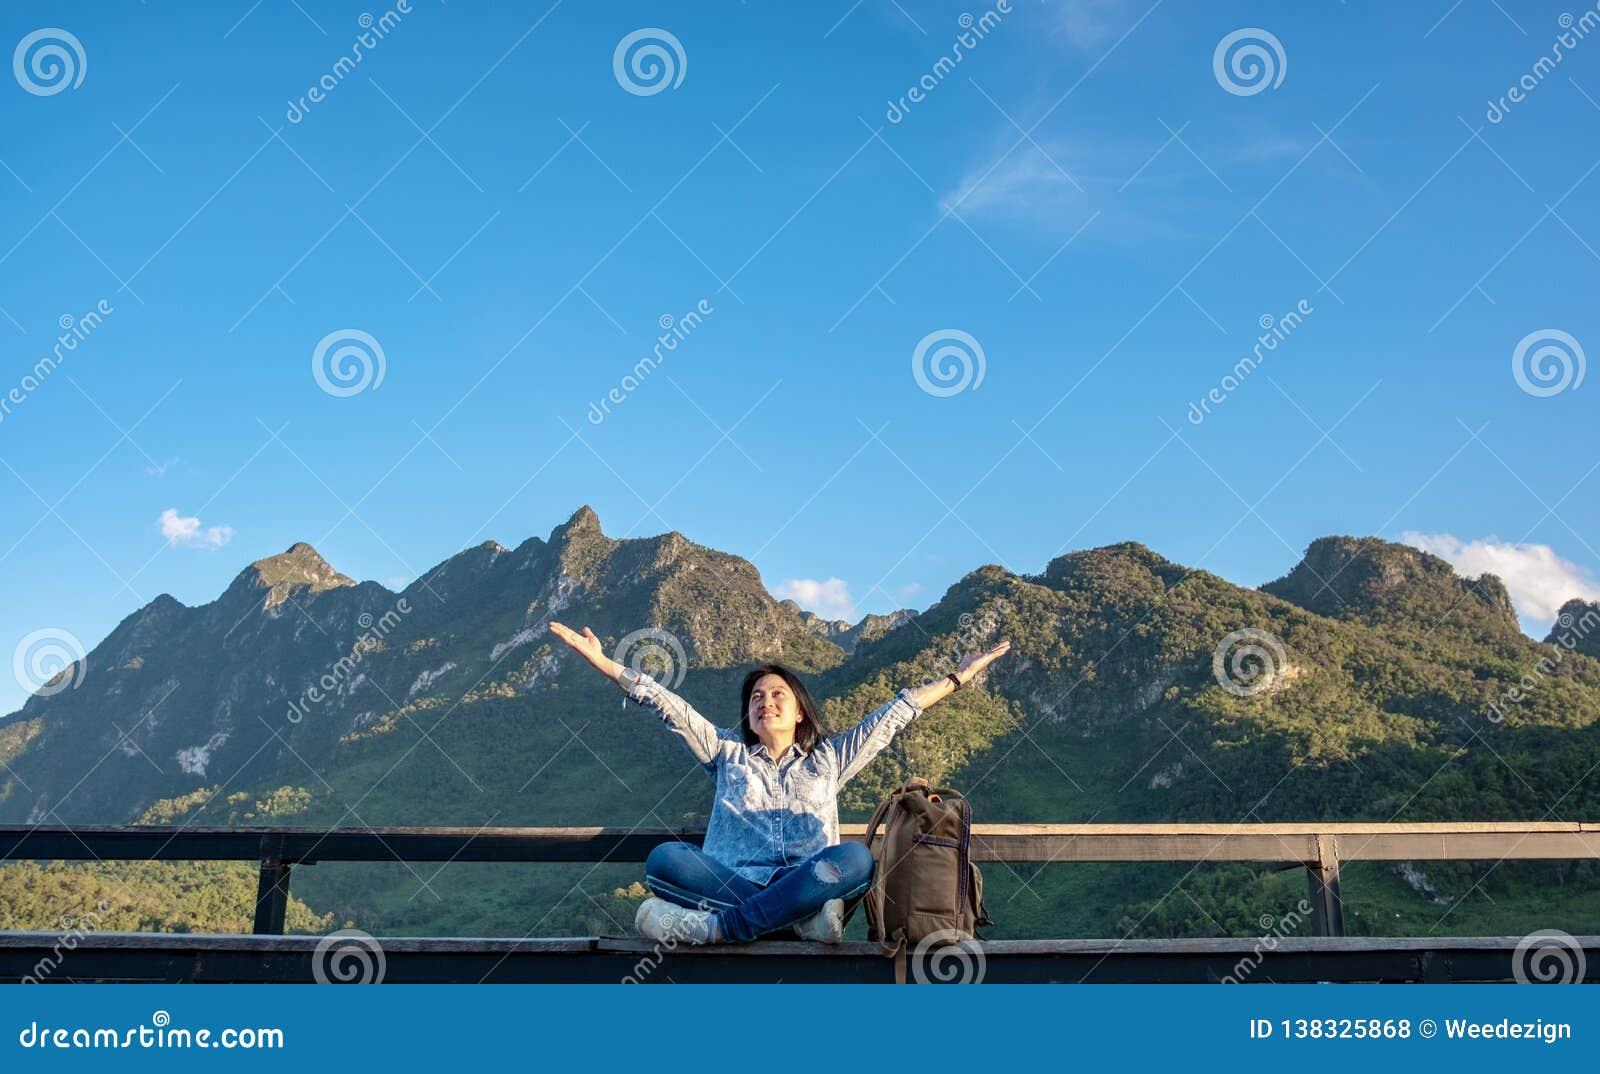 Séance asiatique et bras de voyageuse de femme dans le ciel à la terrasse de point de vue à la vue de paysage de la montagne avec